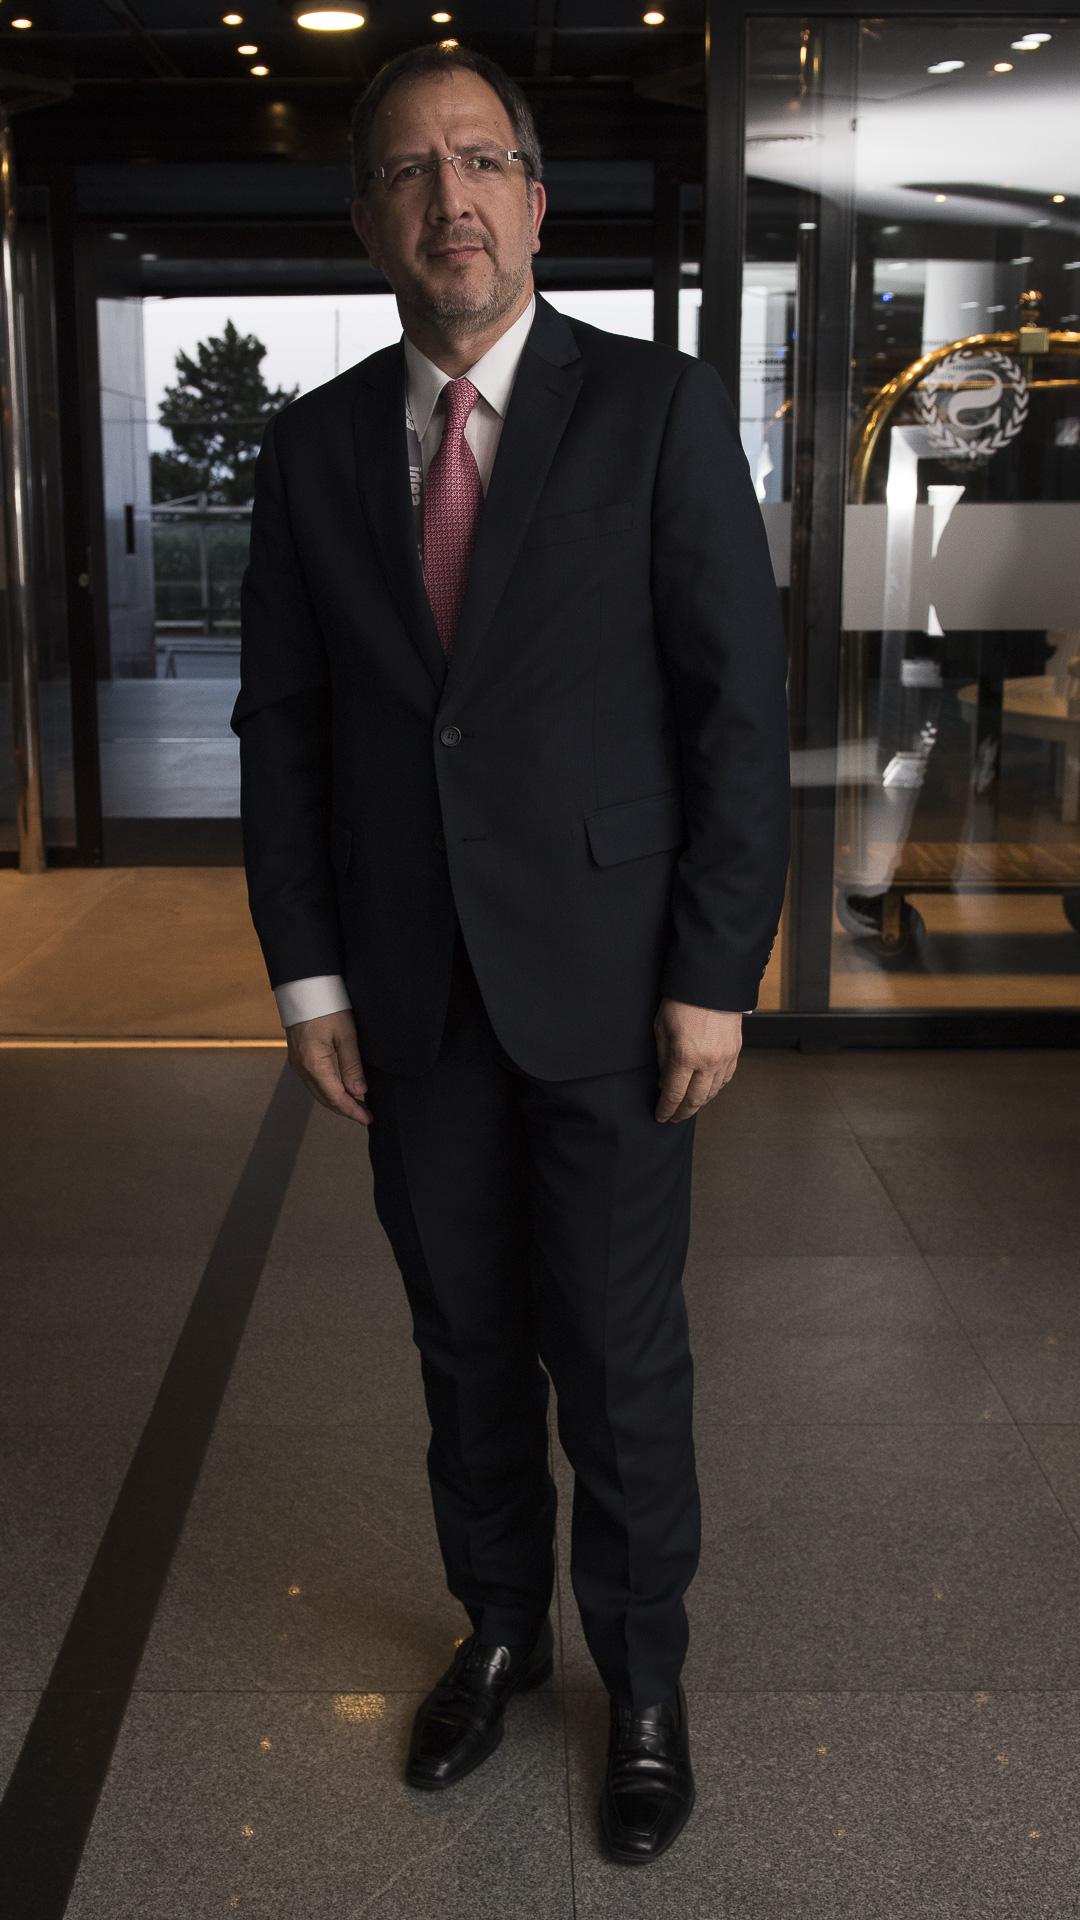 Fabian Perechodnik, Secretario General de la Gobernación de la provincia de Bs. As.